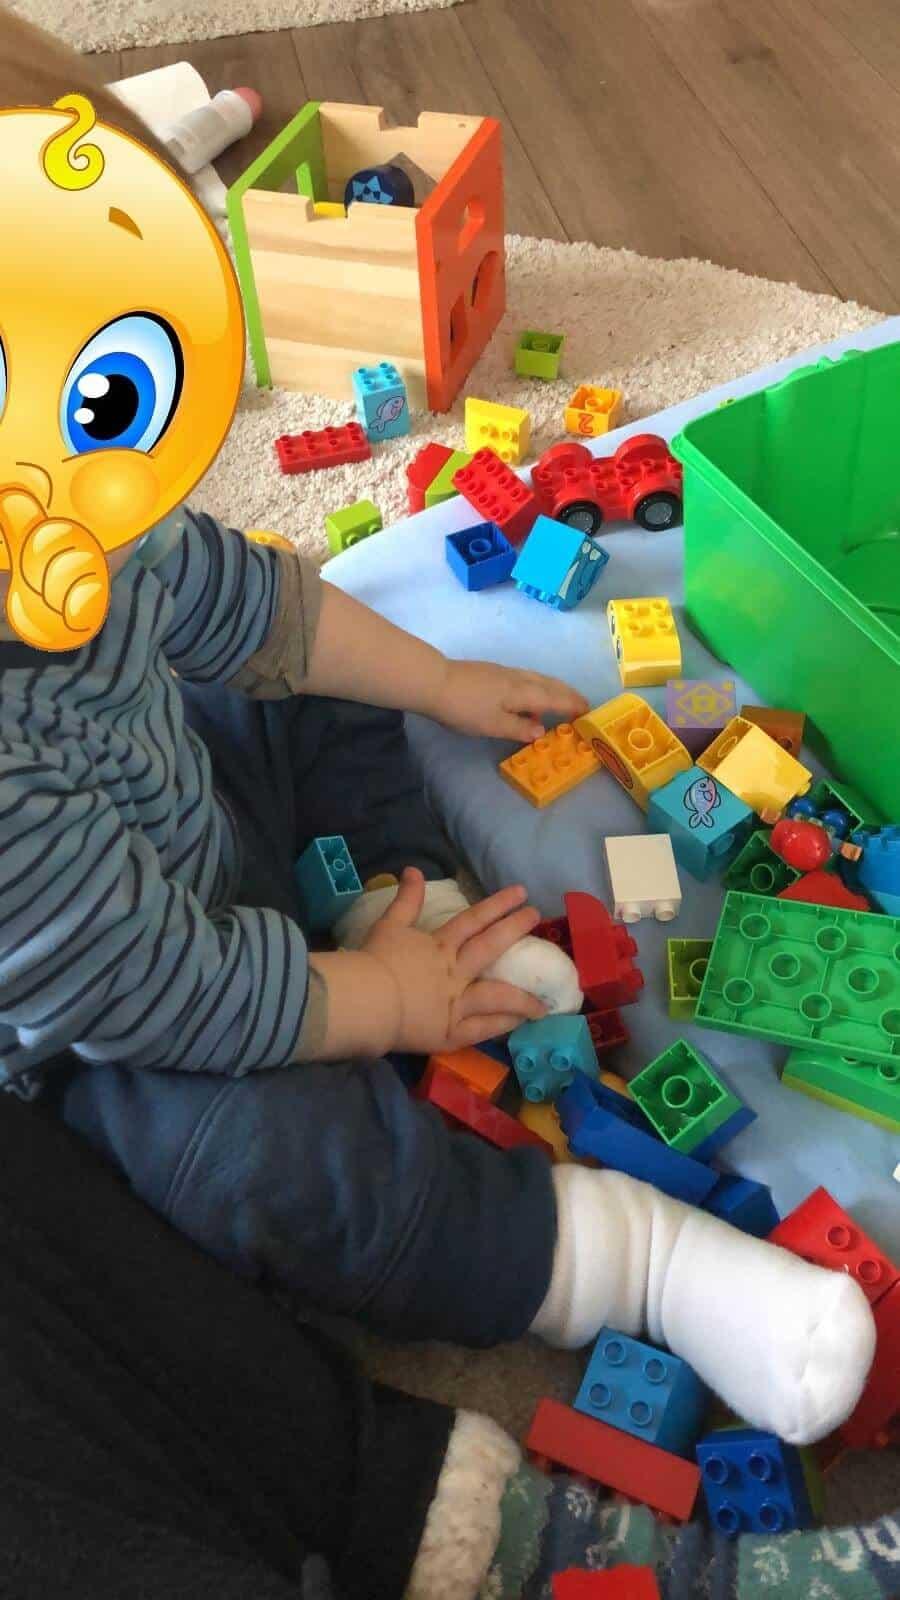 """Lego Duplo zum ersten Geburtstag - Toll ist, dass man das Duplo immer wieder erweitern kann - gerade zu """"kleineren"""" Gelegenheiten wie Ostern eine tolles Geschenk"""